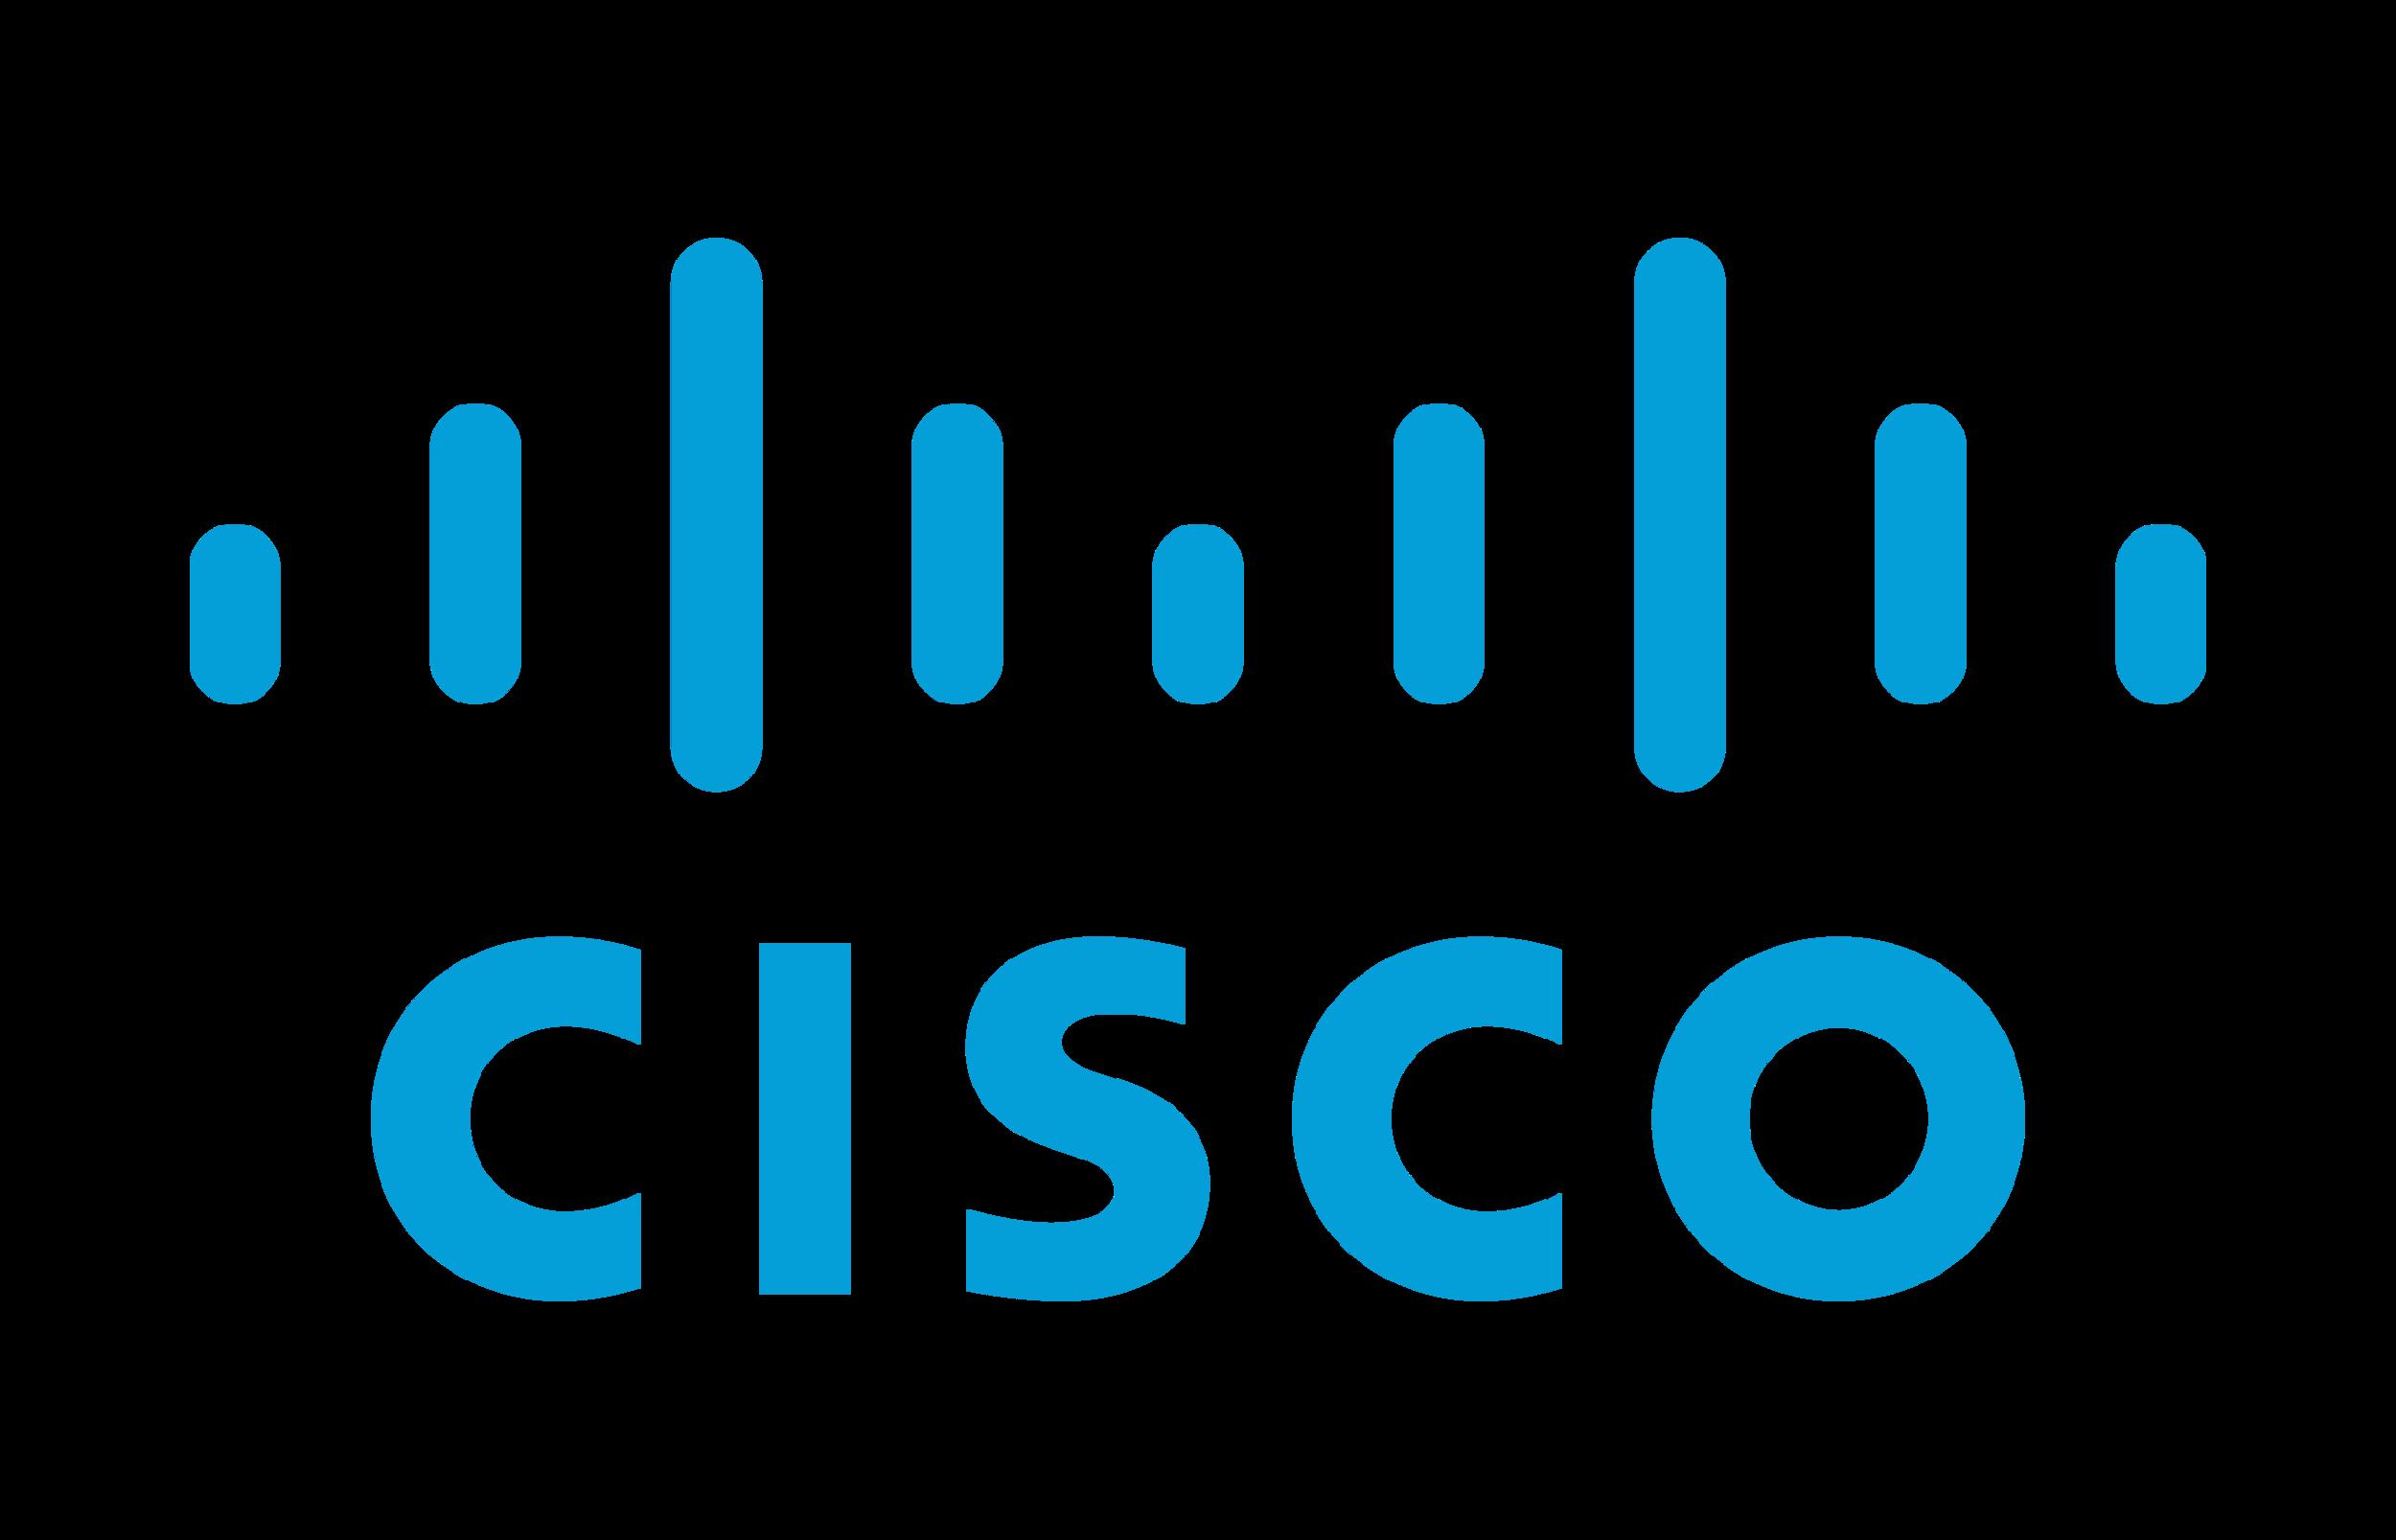 cisco-logo-transparent.png